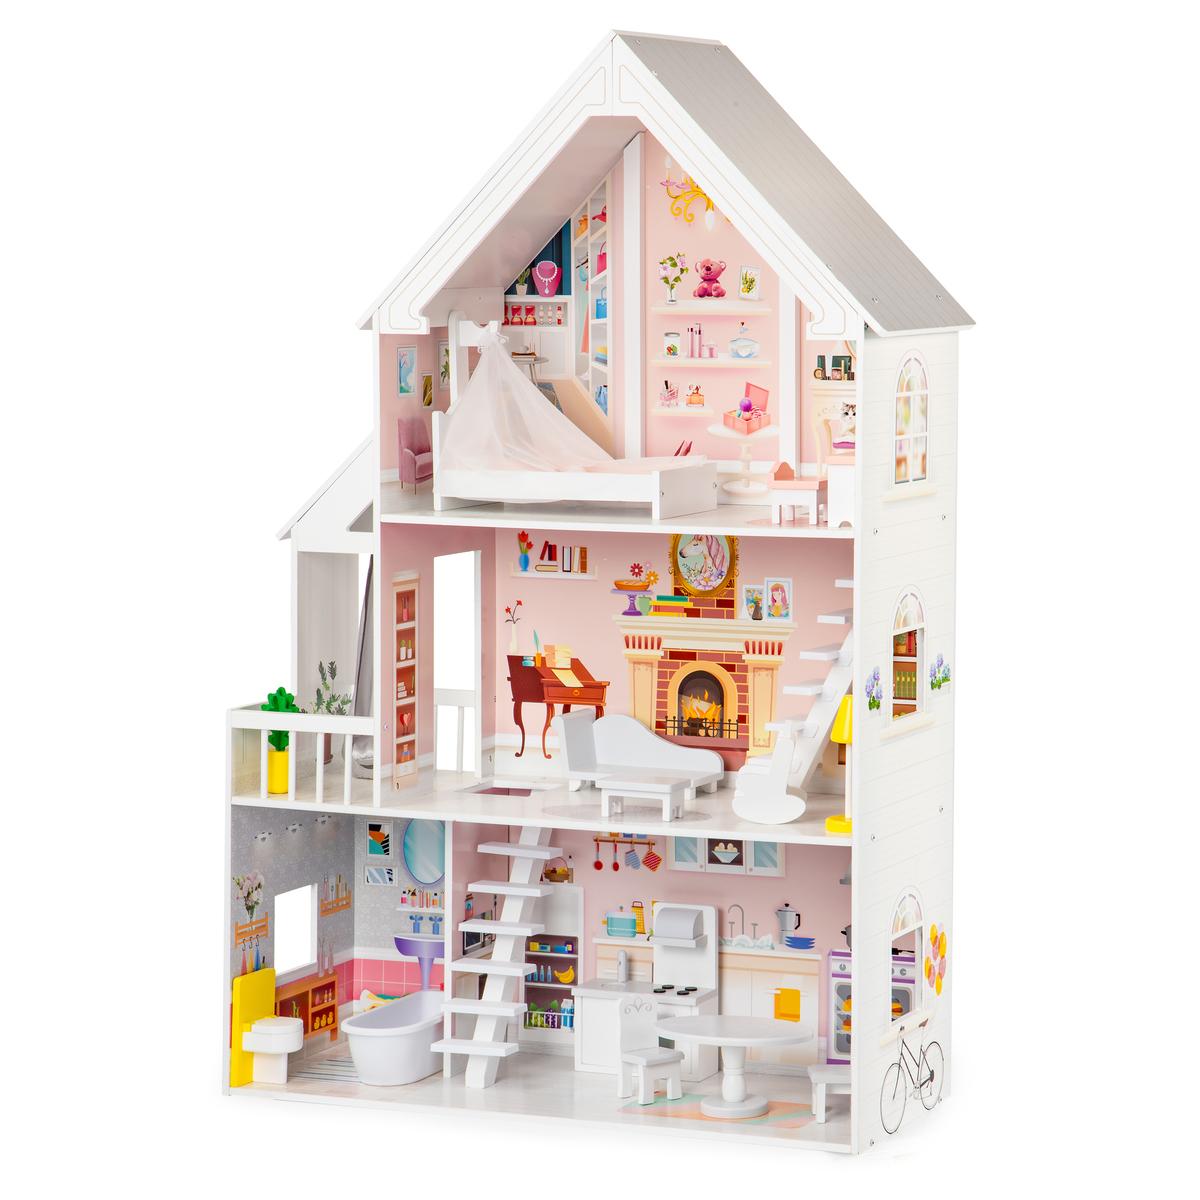 Drevený domček pre bábiky Pastelová rezidencie wooden babydoll